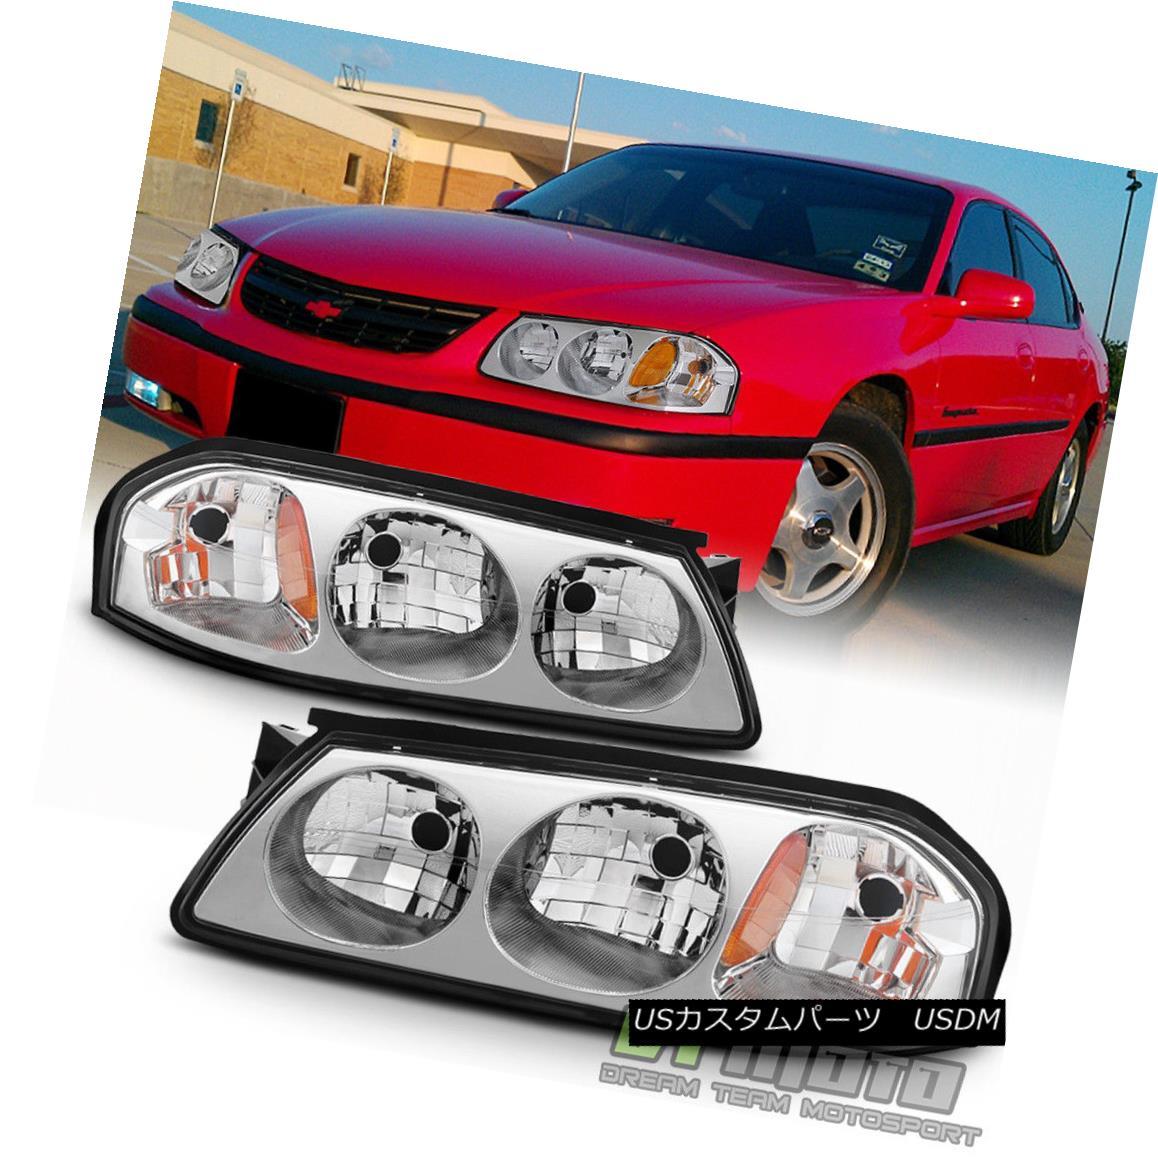 ヘッドライト 2000 2001 2002 2003 2004 2005 Chevy Impala Chrome Housing Headlights Headlamps 2000 2001 2002 2003 2004 2005シボレーインパラクロームハウジングヘッドライトヘッドランプ